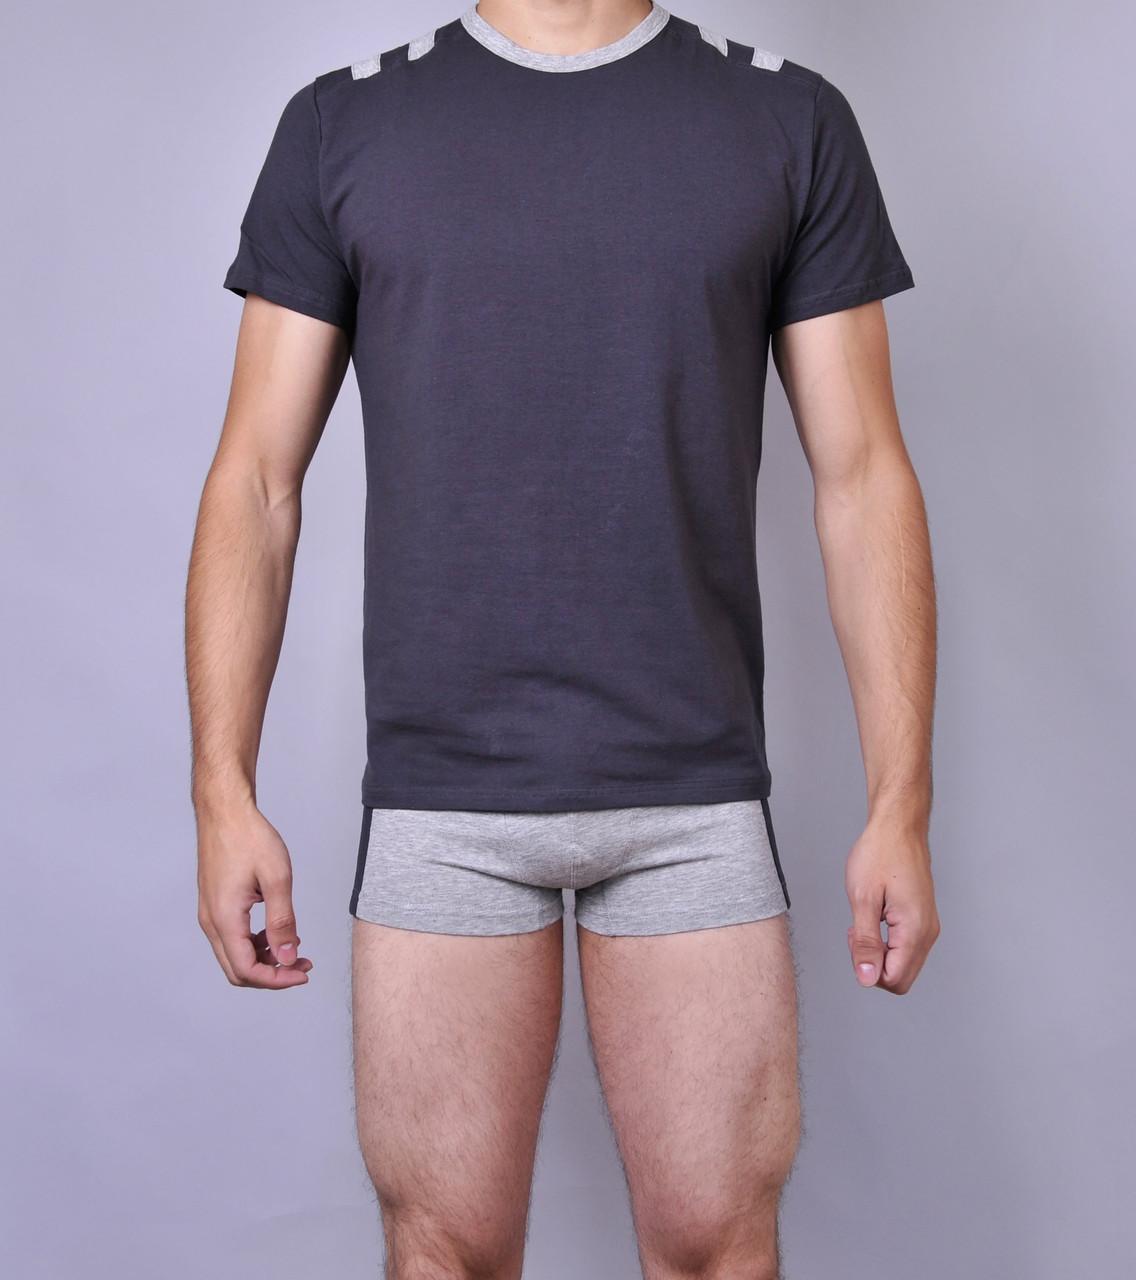 Мужская футболка  C+3 0110 M Темно серый